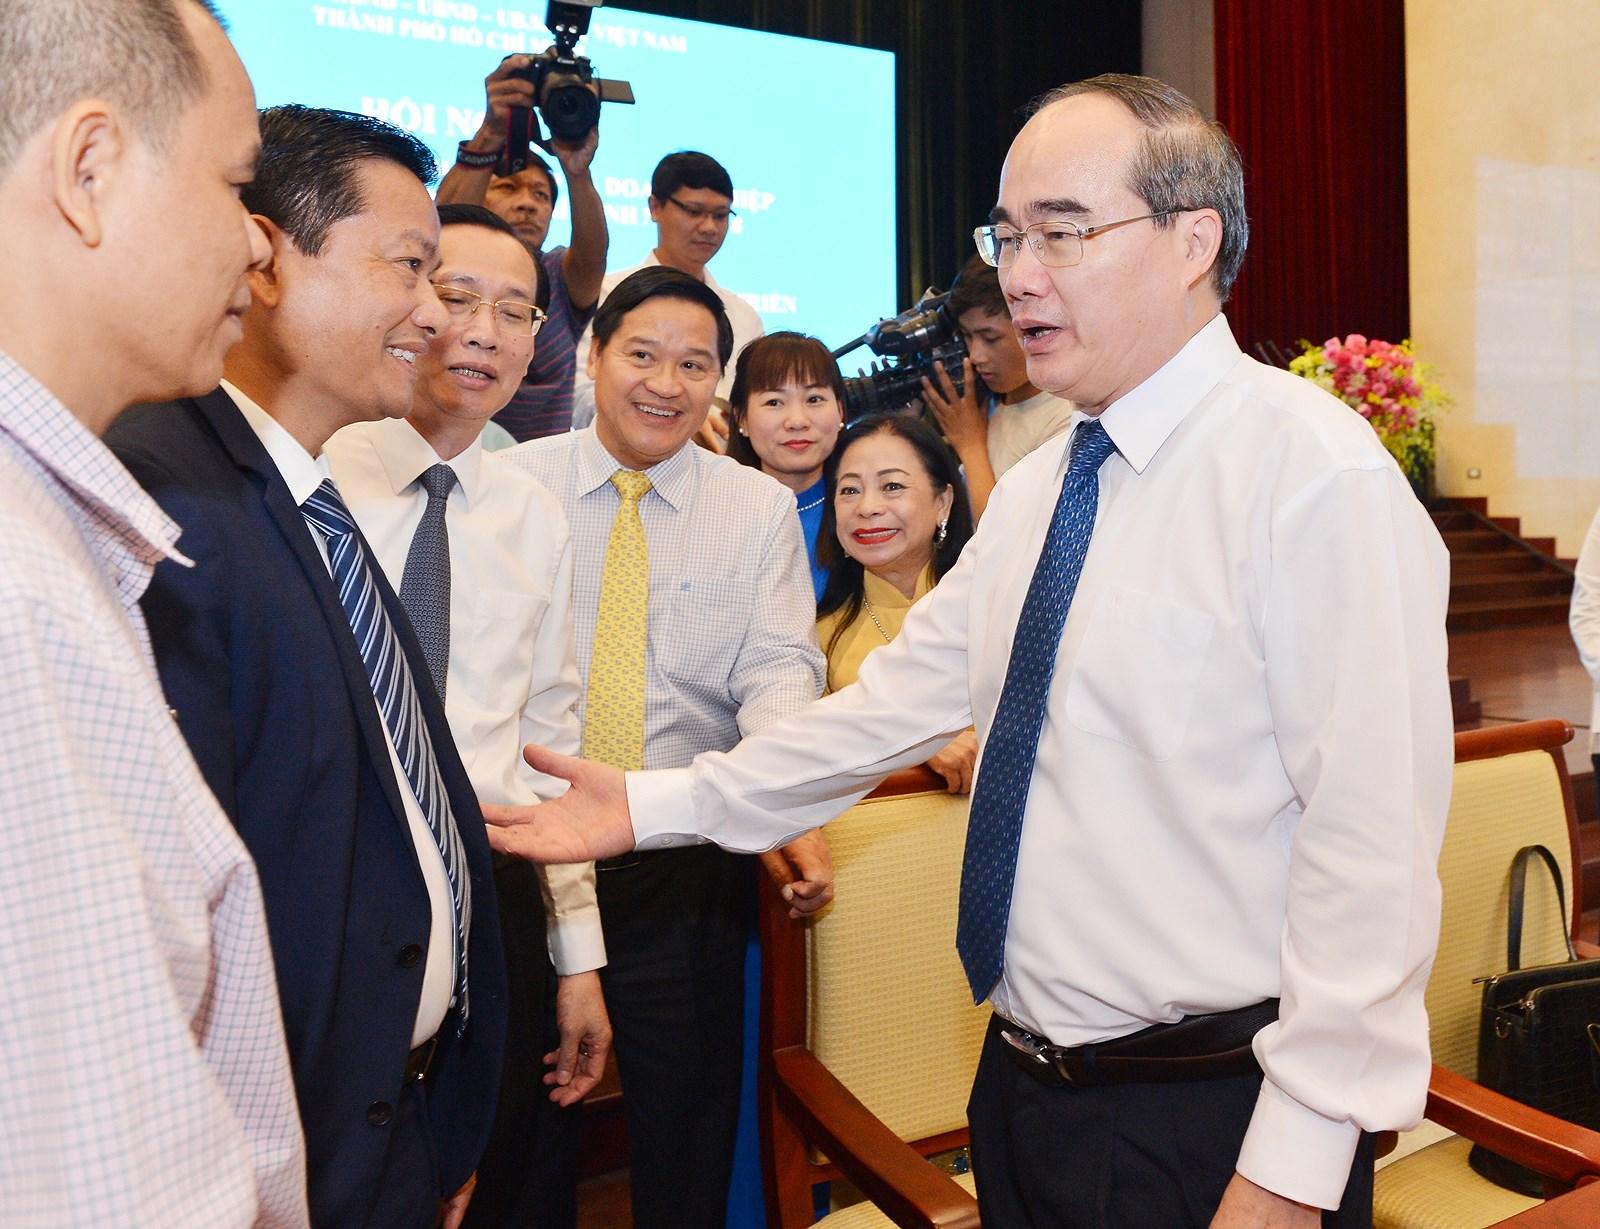 Ông Nguyễn Thiện Nhân nêu 4 định hướng chiến lược tạo đột phá cho TP. HCM